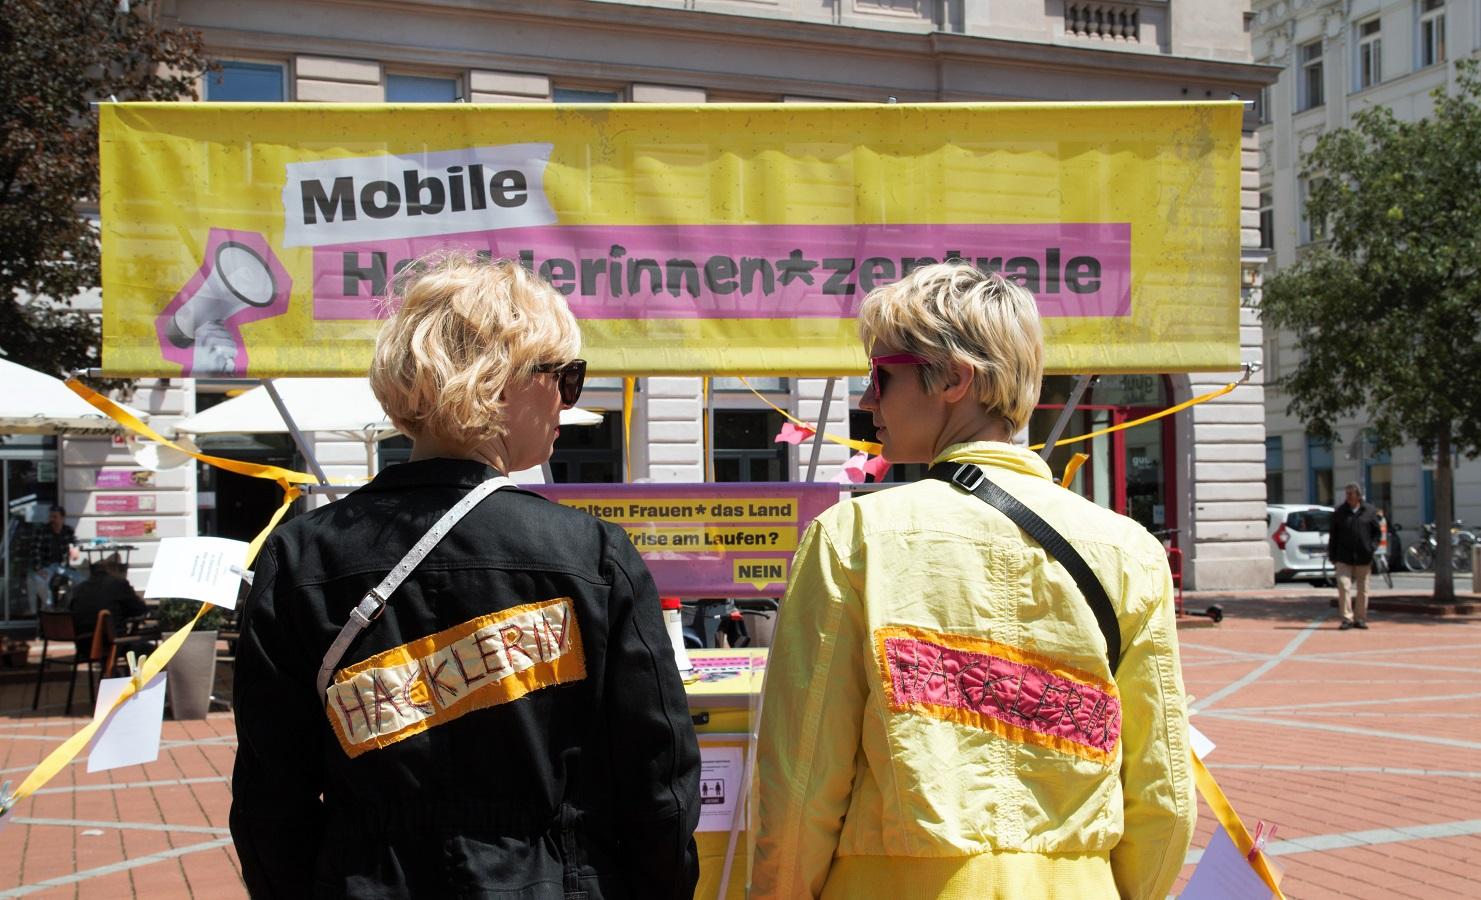 Mobile Hackleinnen*zentrale